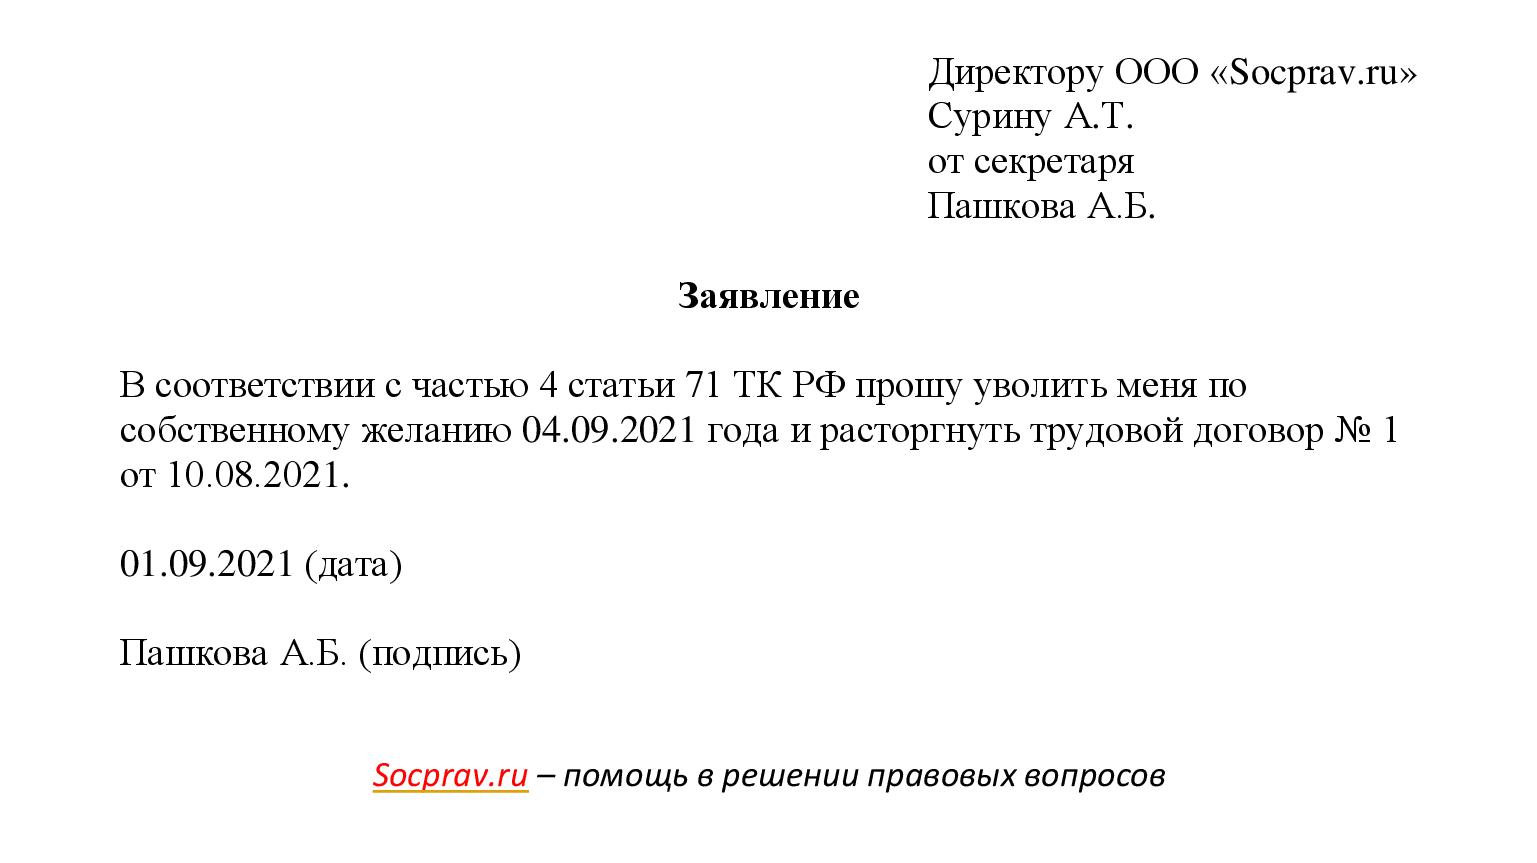 Заявление об увольнении по собственному желанию (в период испытательного срока)